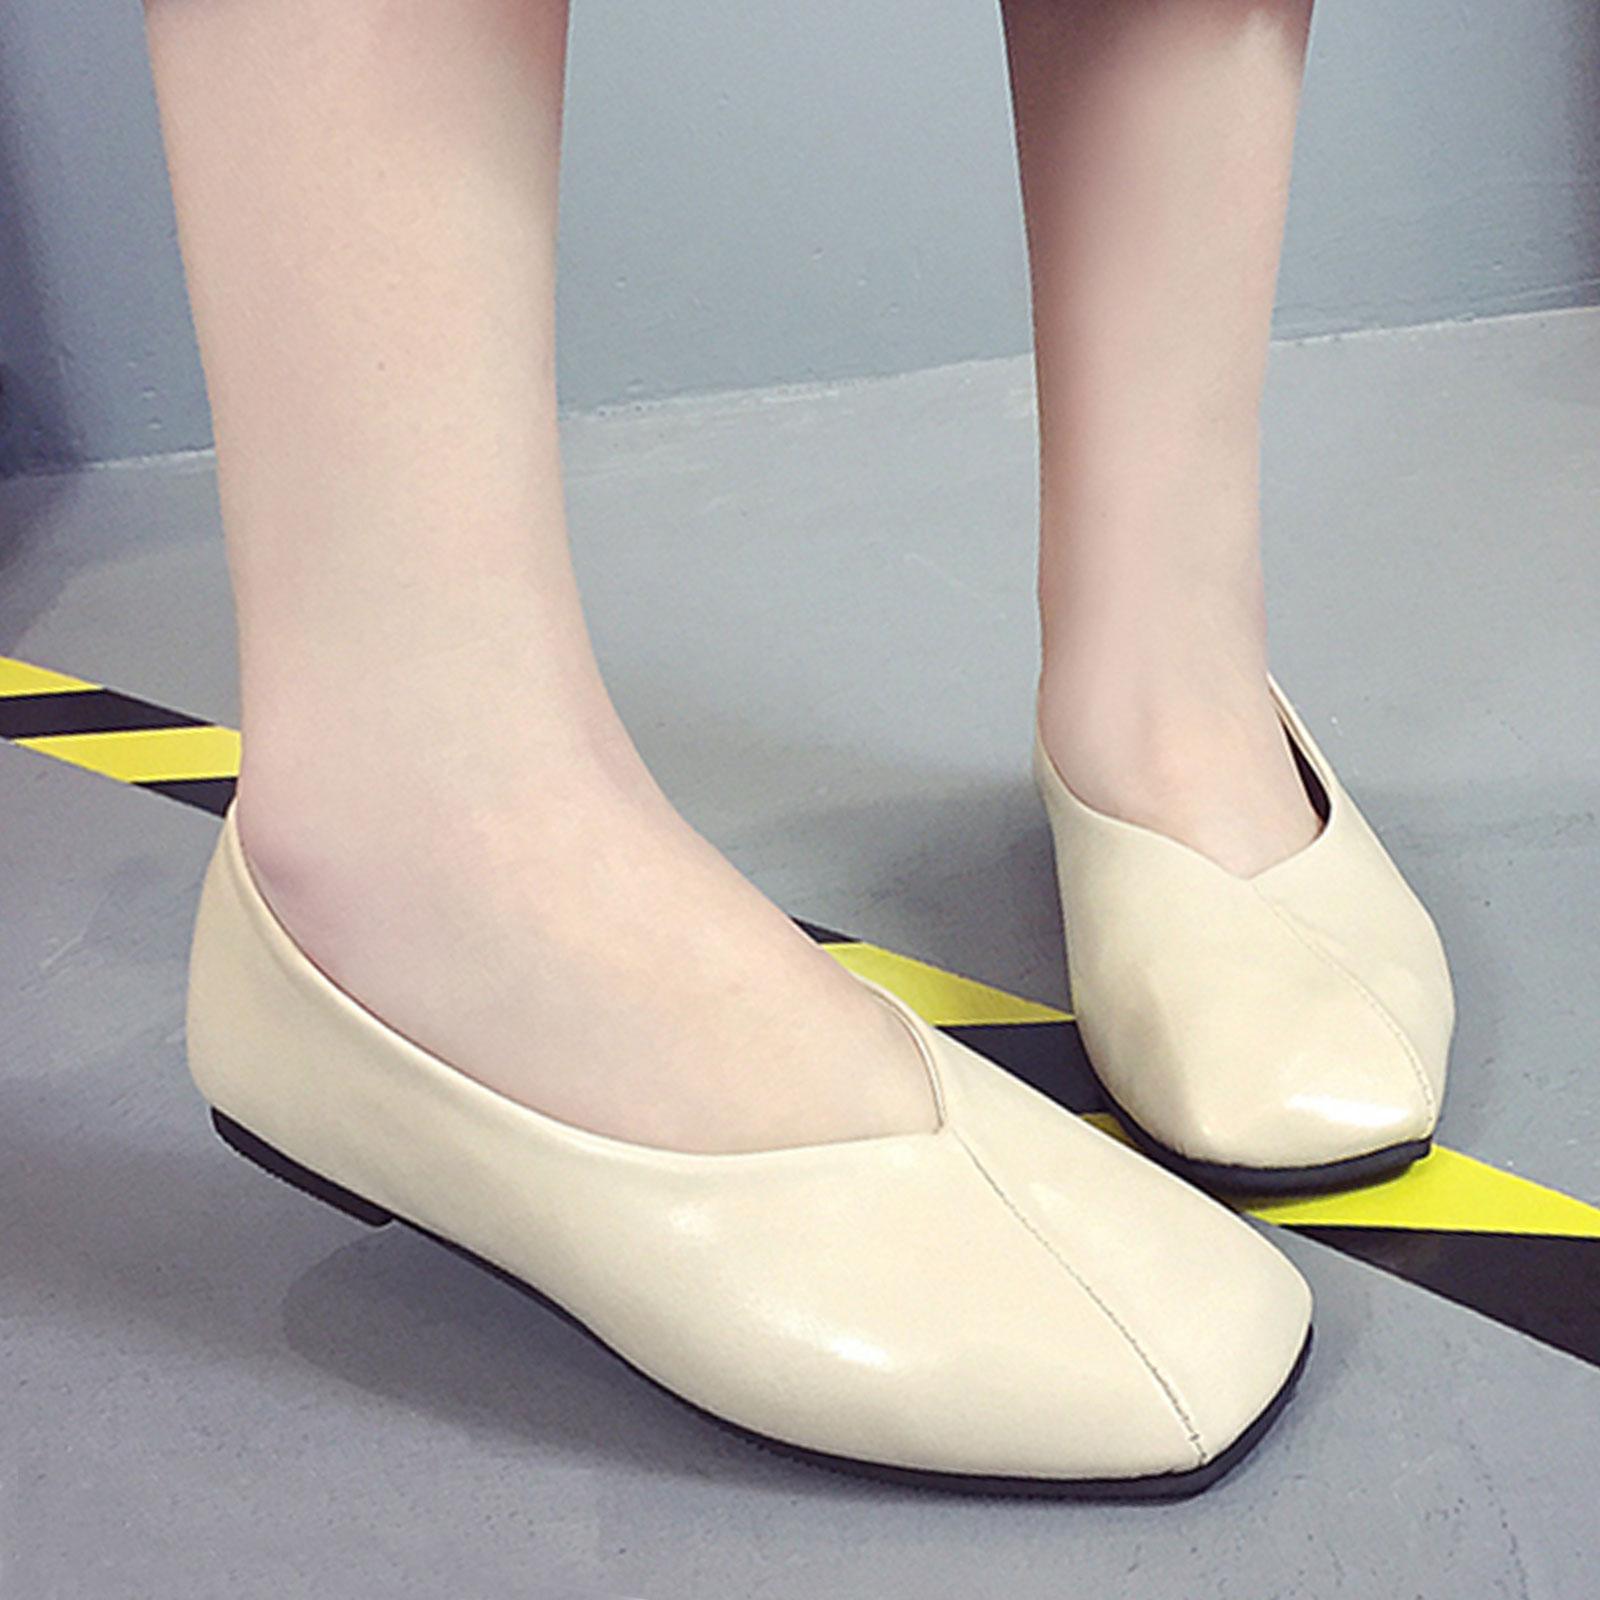 懶人鞋 奶奶鞋 韓版復古淺口方頭懶人鞋【S1681】☆雙兒網☆ 4